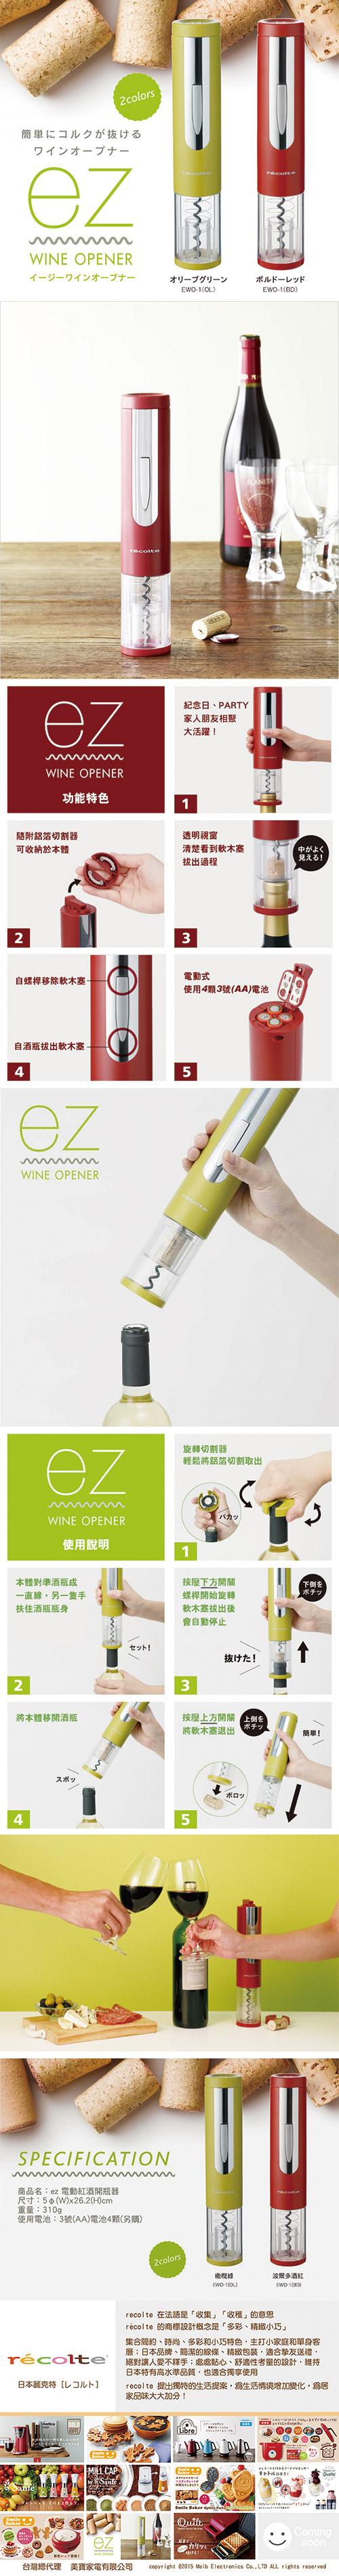 recolte ez WINE OPENER 電動紅酒開瓶器 橄欖綠